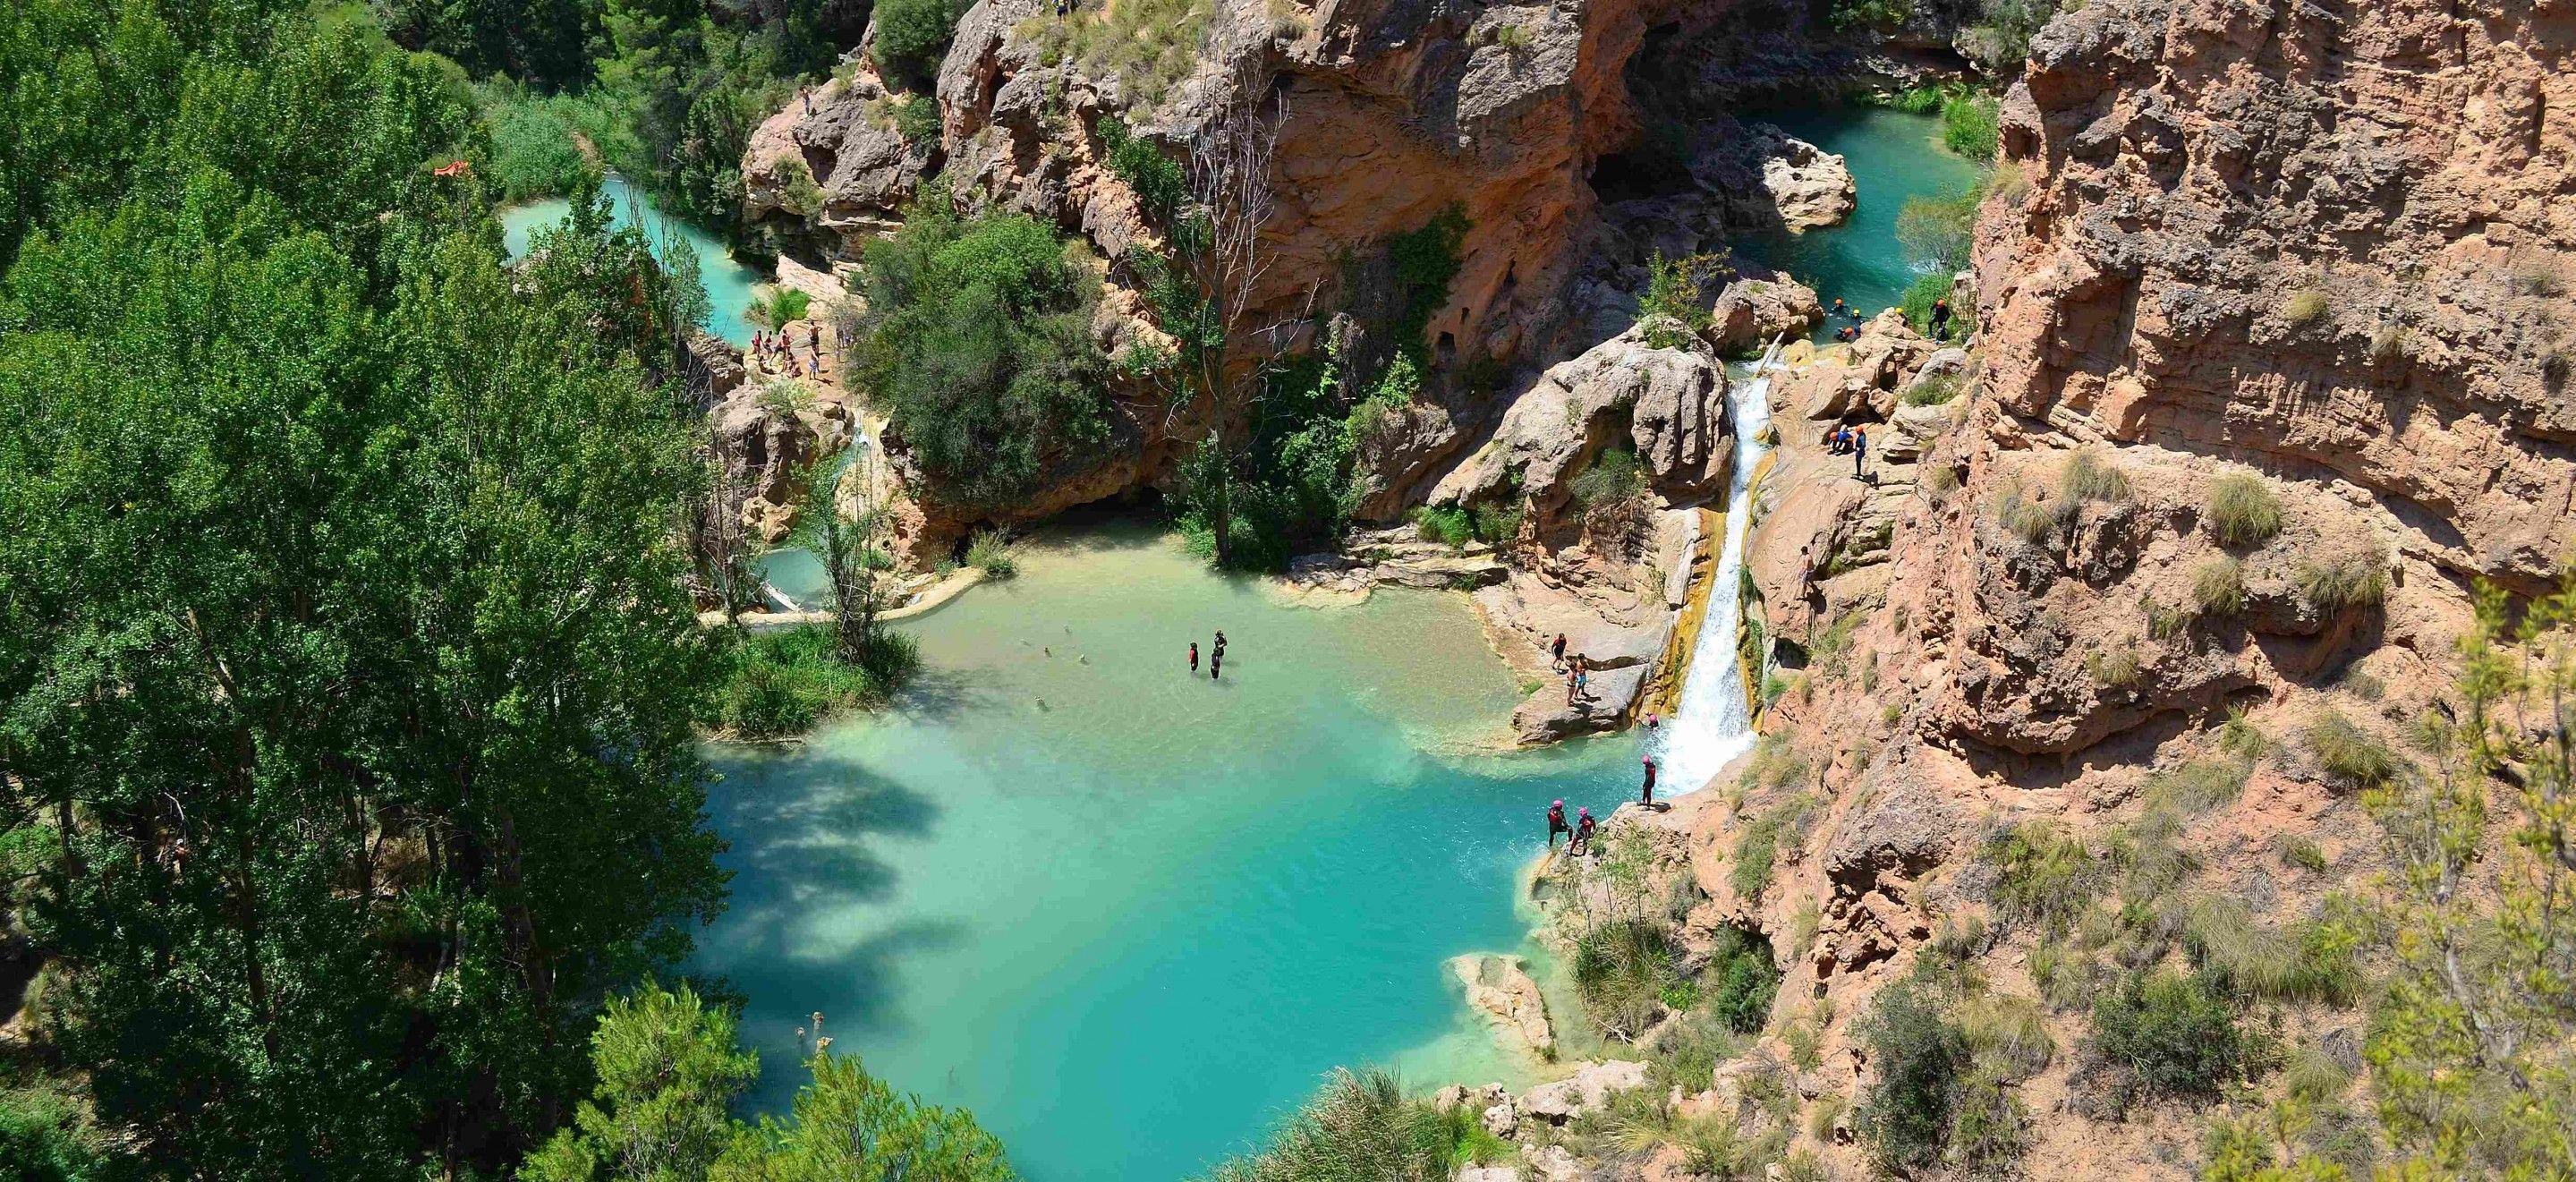 Las chorreras en la provincia de cuenca wanders for Piscinas naturales las presillas